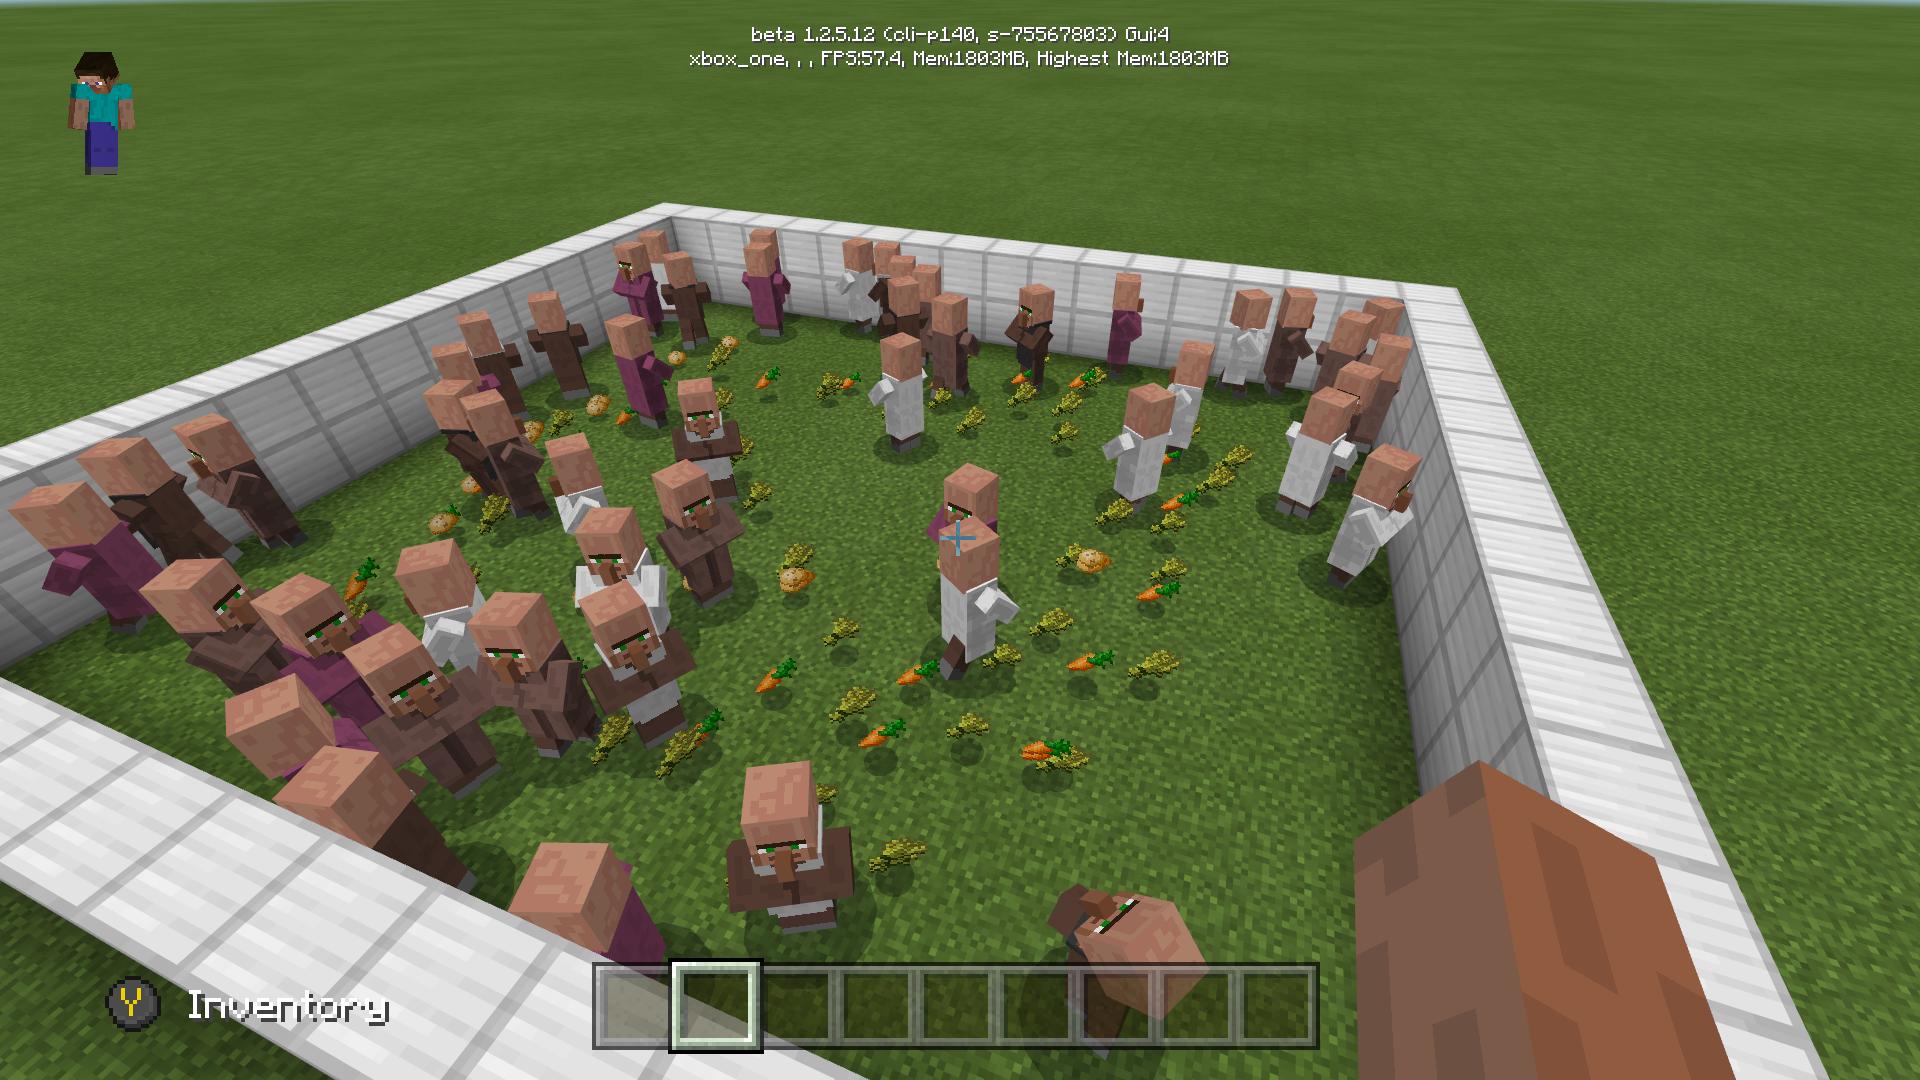 MCPE-28359] Villagers won't pick up wheat/won't breed